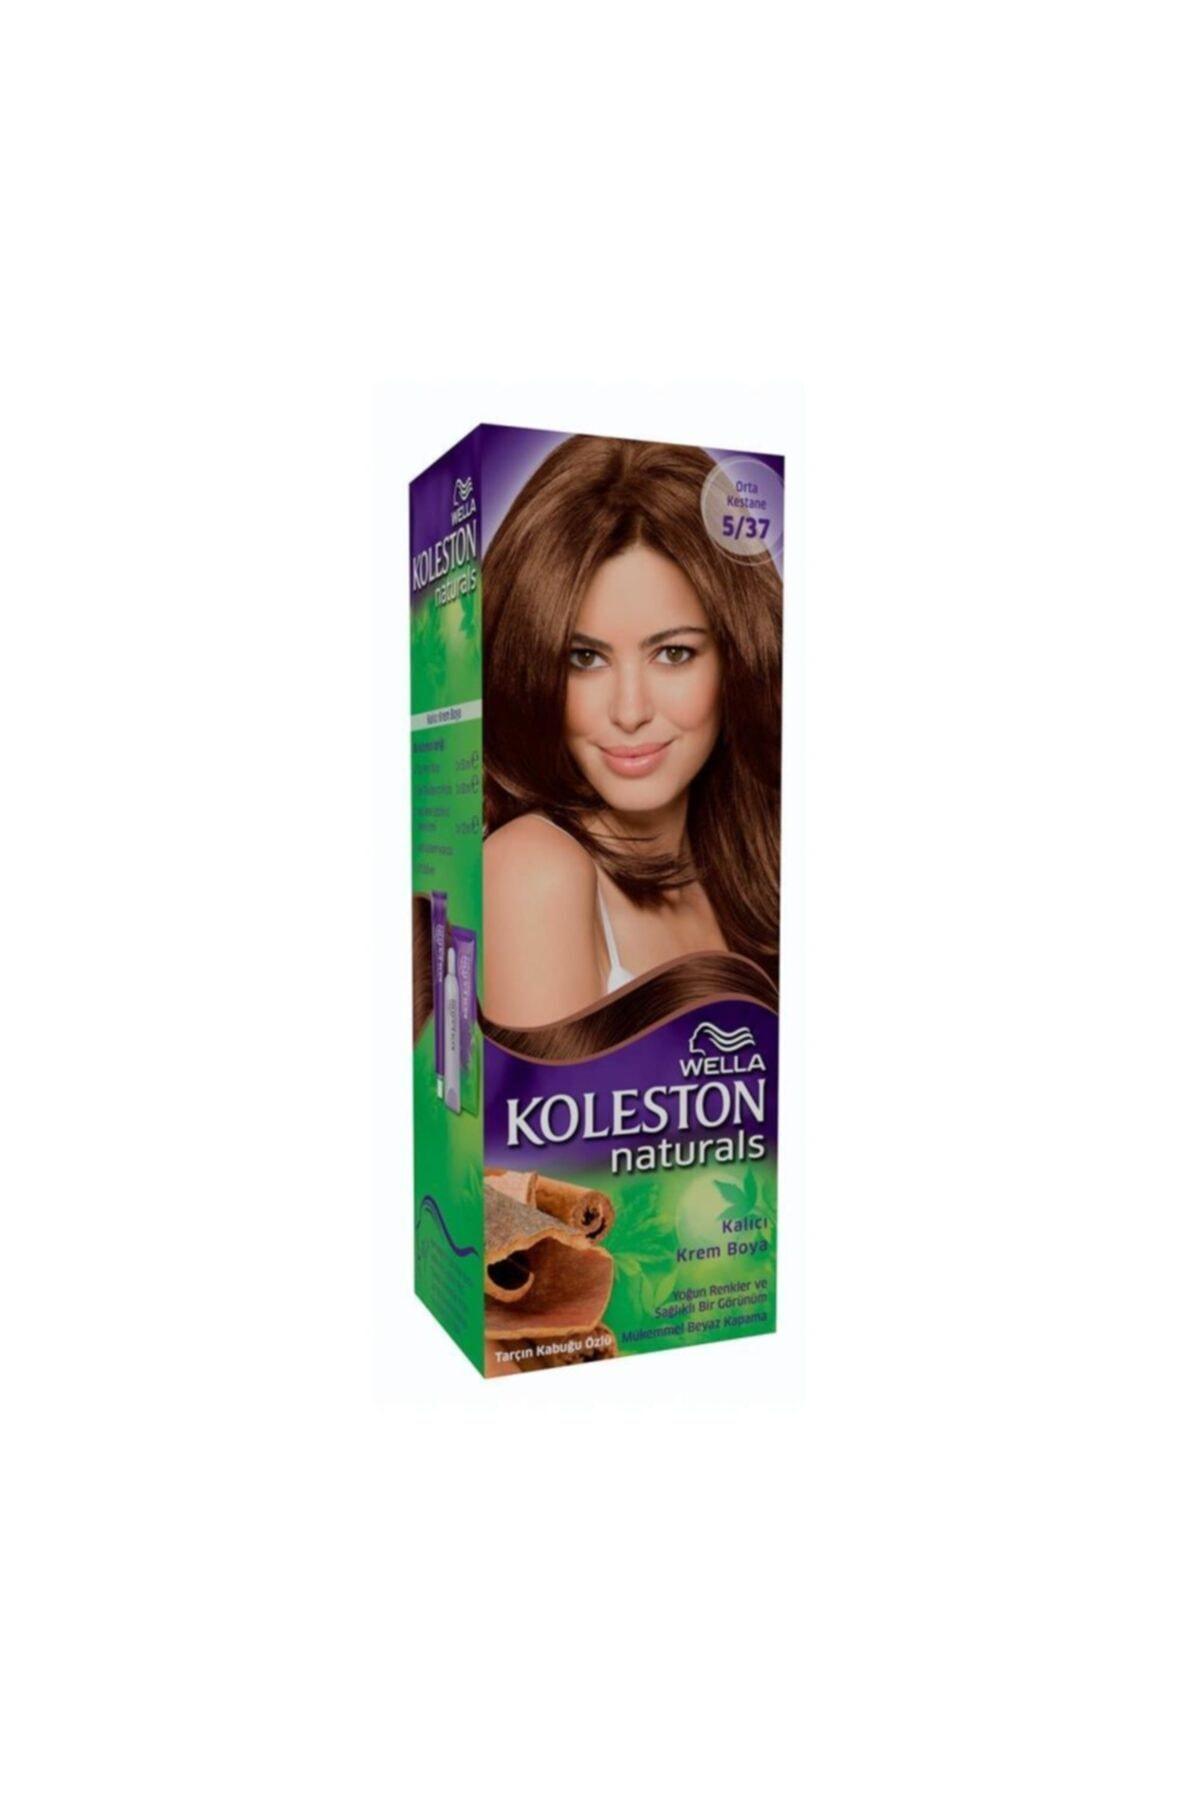 Koleston Naturals Maxi Saç Boyası 5-37 Orta Kestane 1